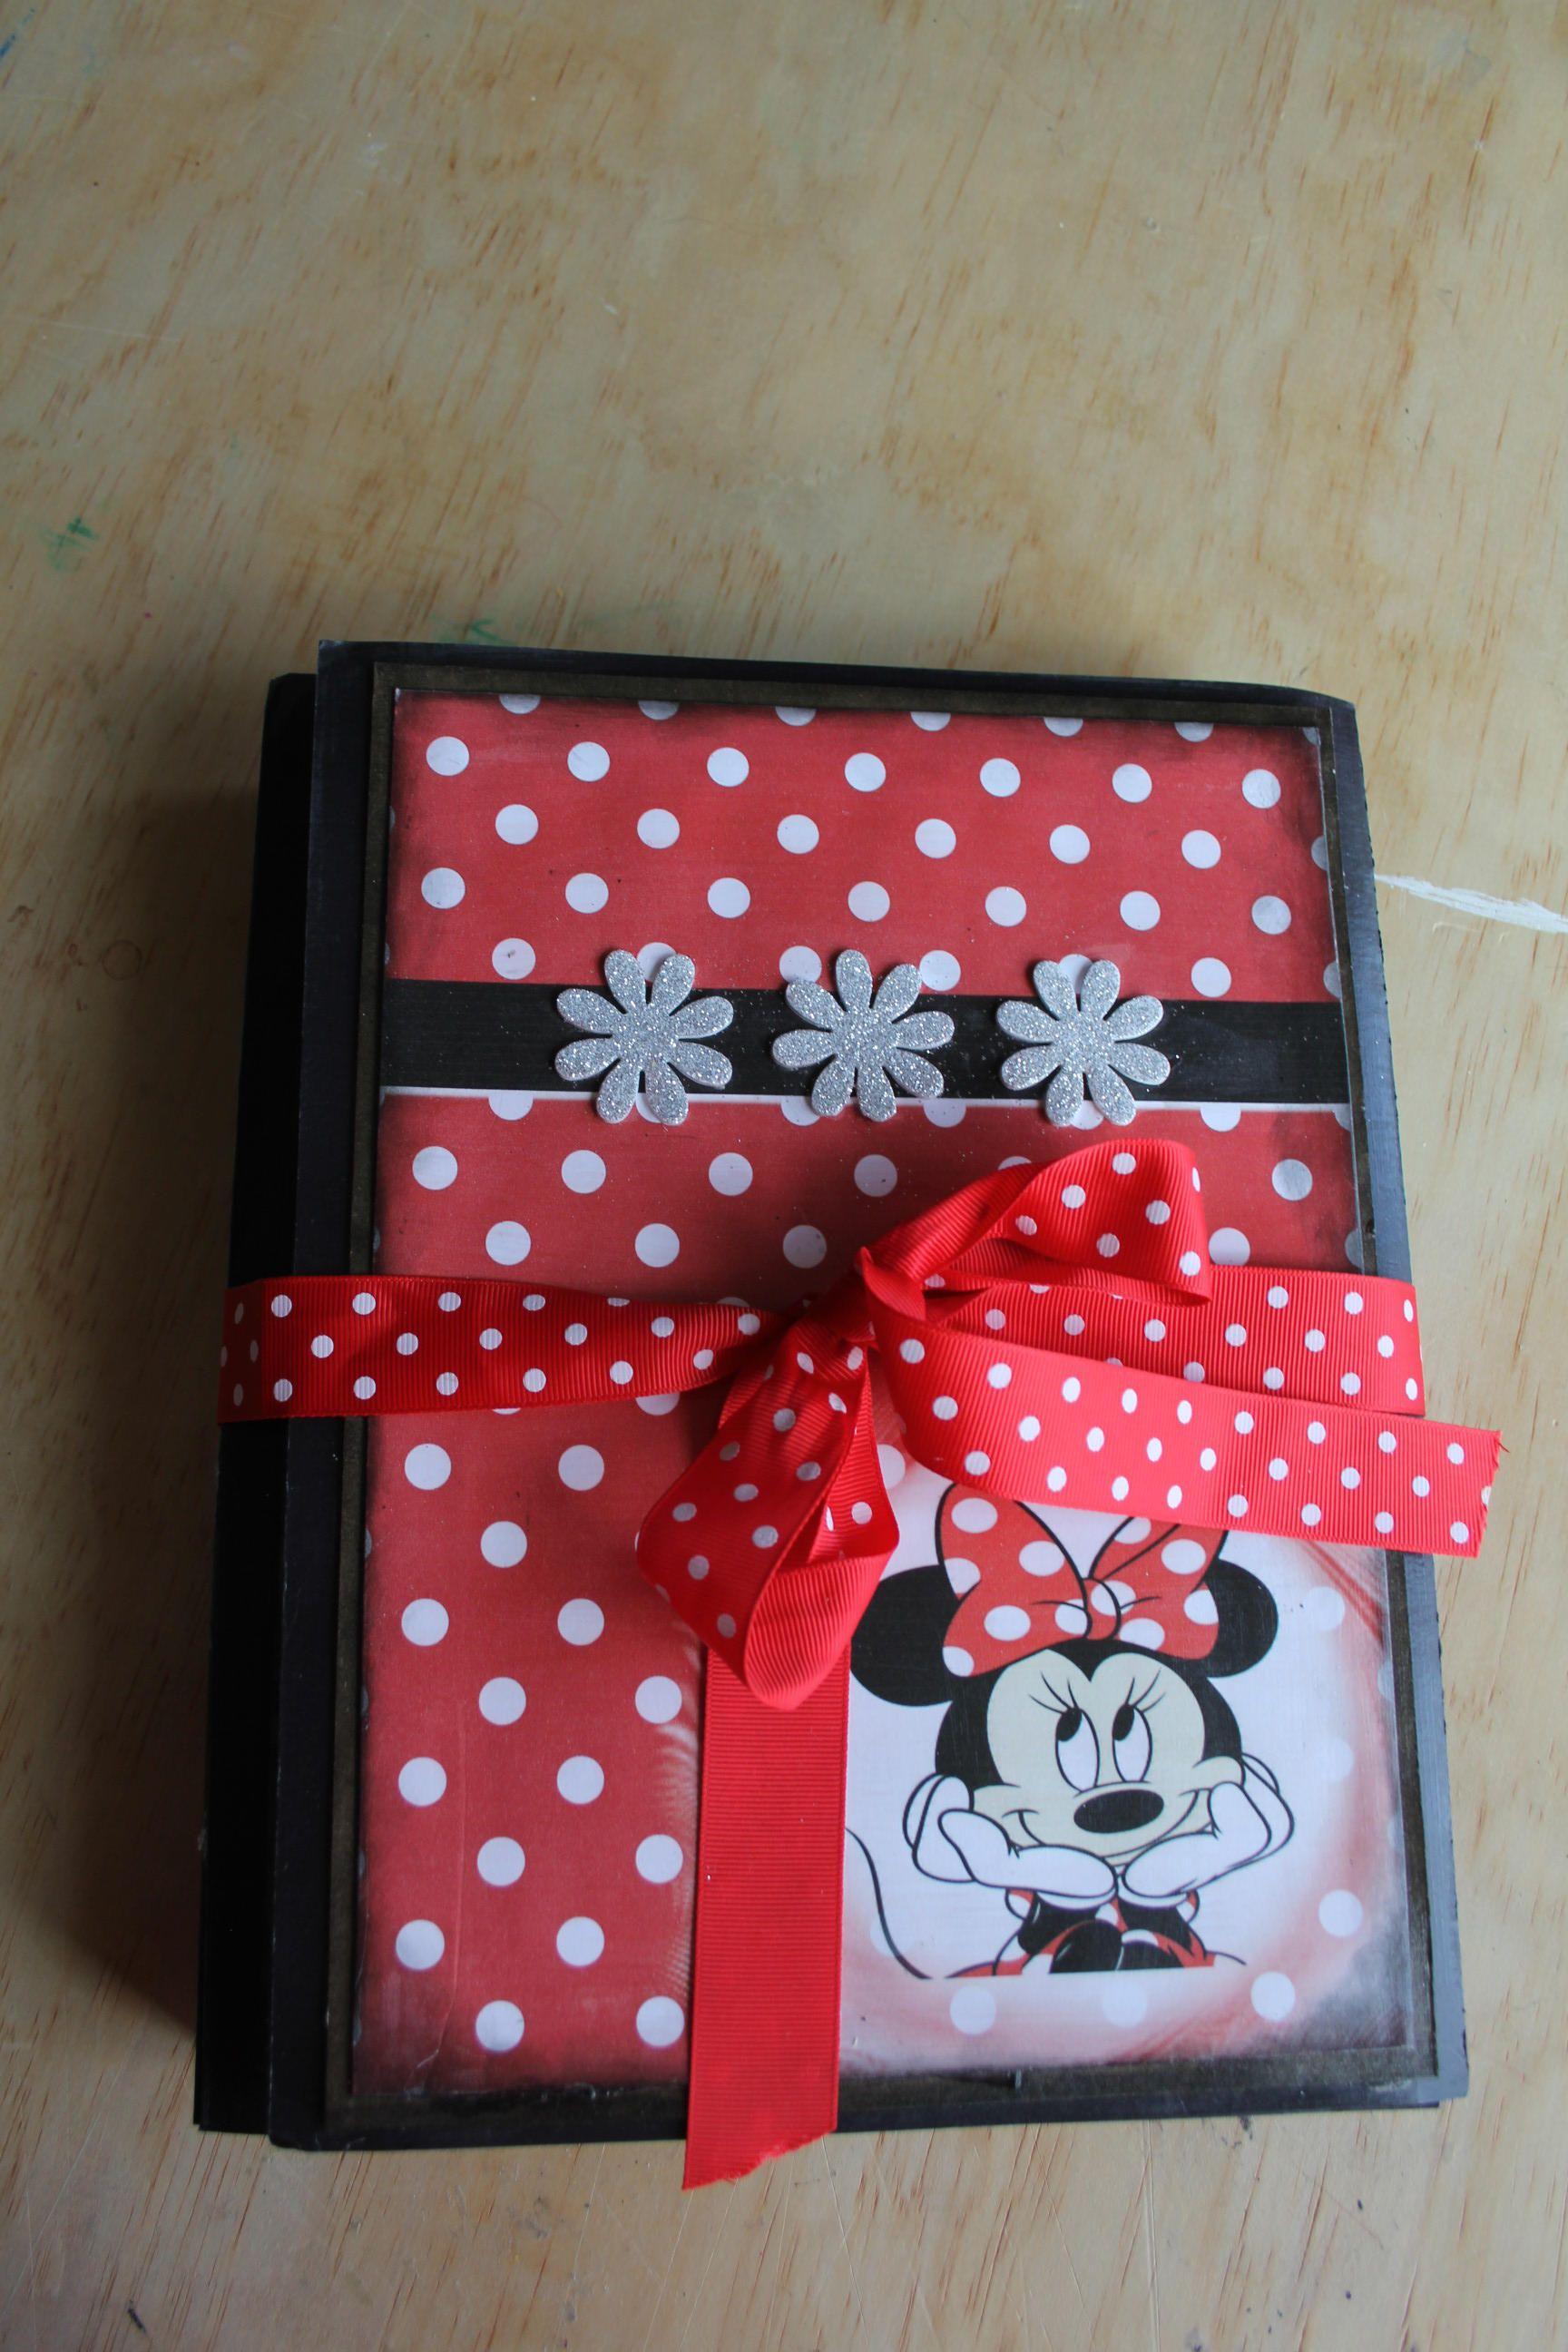 Lapbook organisateur Mickey de la boutique Sunnypoux sur Etsy